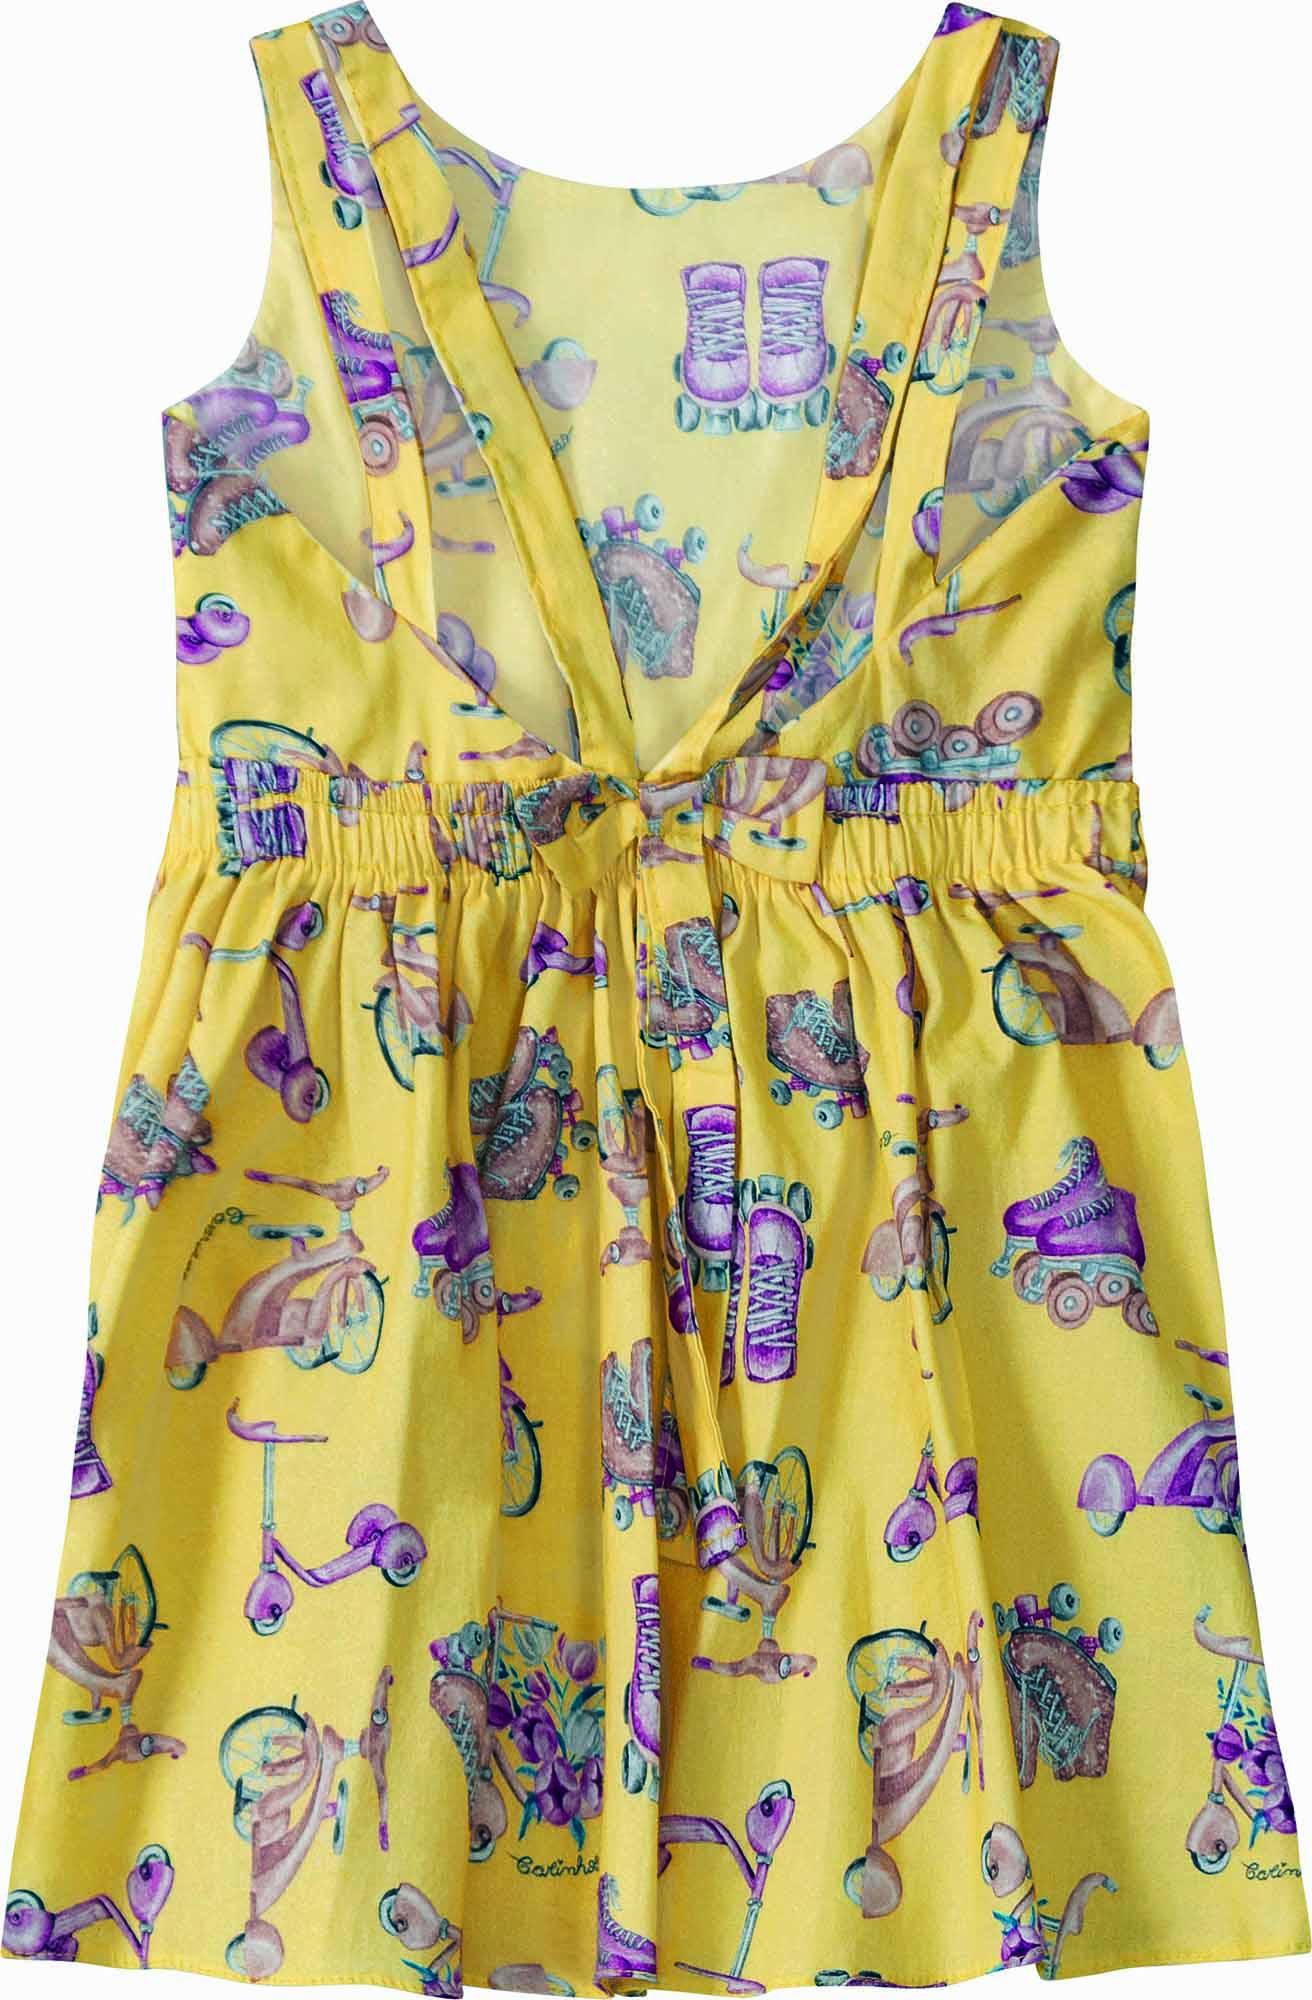 Vestido Curto Regata Amarelo Estampado em Algodão - Tam 01 a 04 anos